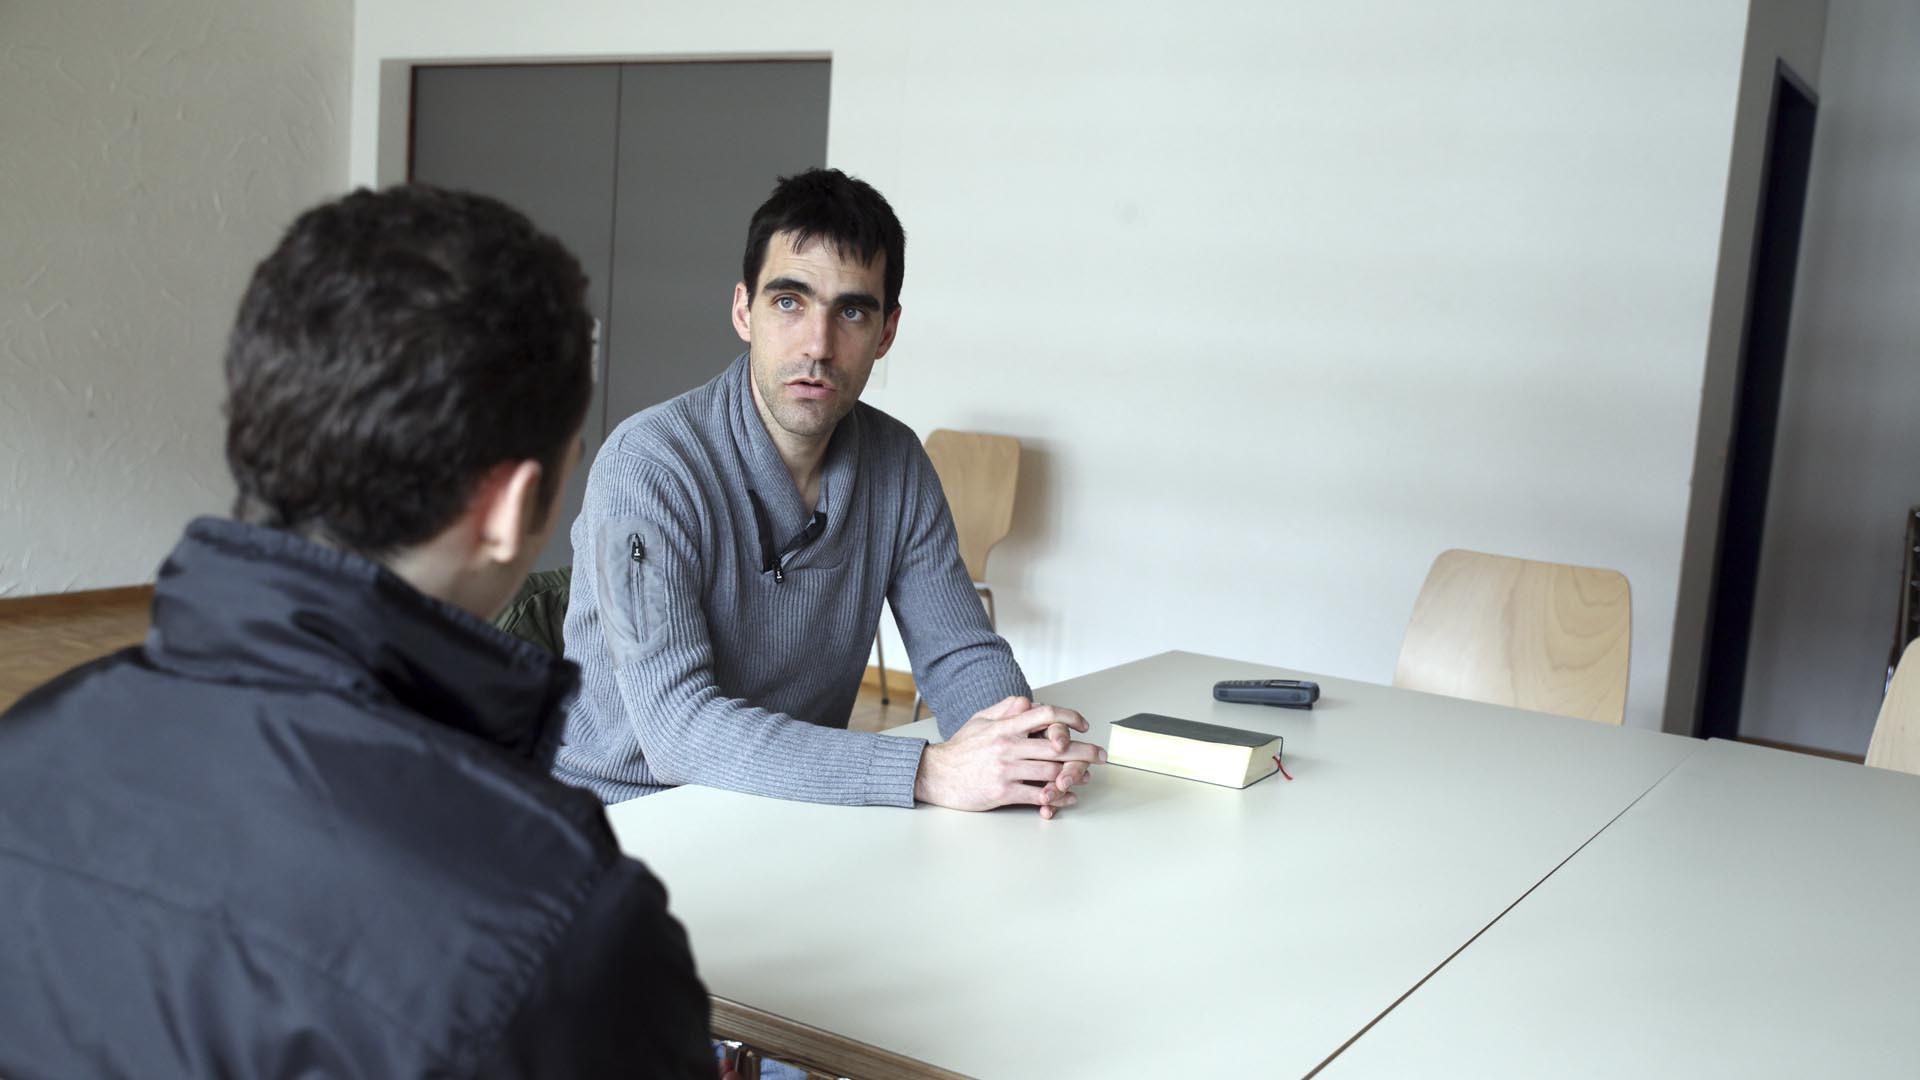 Granges le 22 février 2016. Centre éducatif fermé de Pramont. L'aumônier des prisons Jeff Roux en entretien avec un jeune. (Photo: B. Hallet)